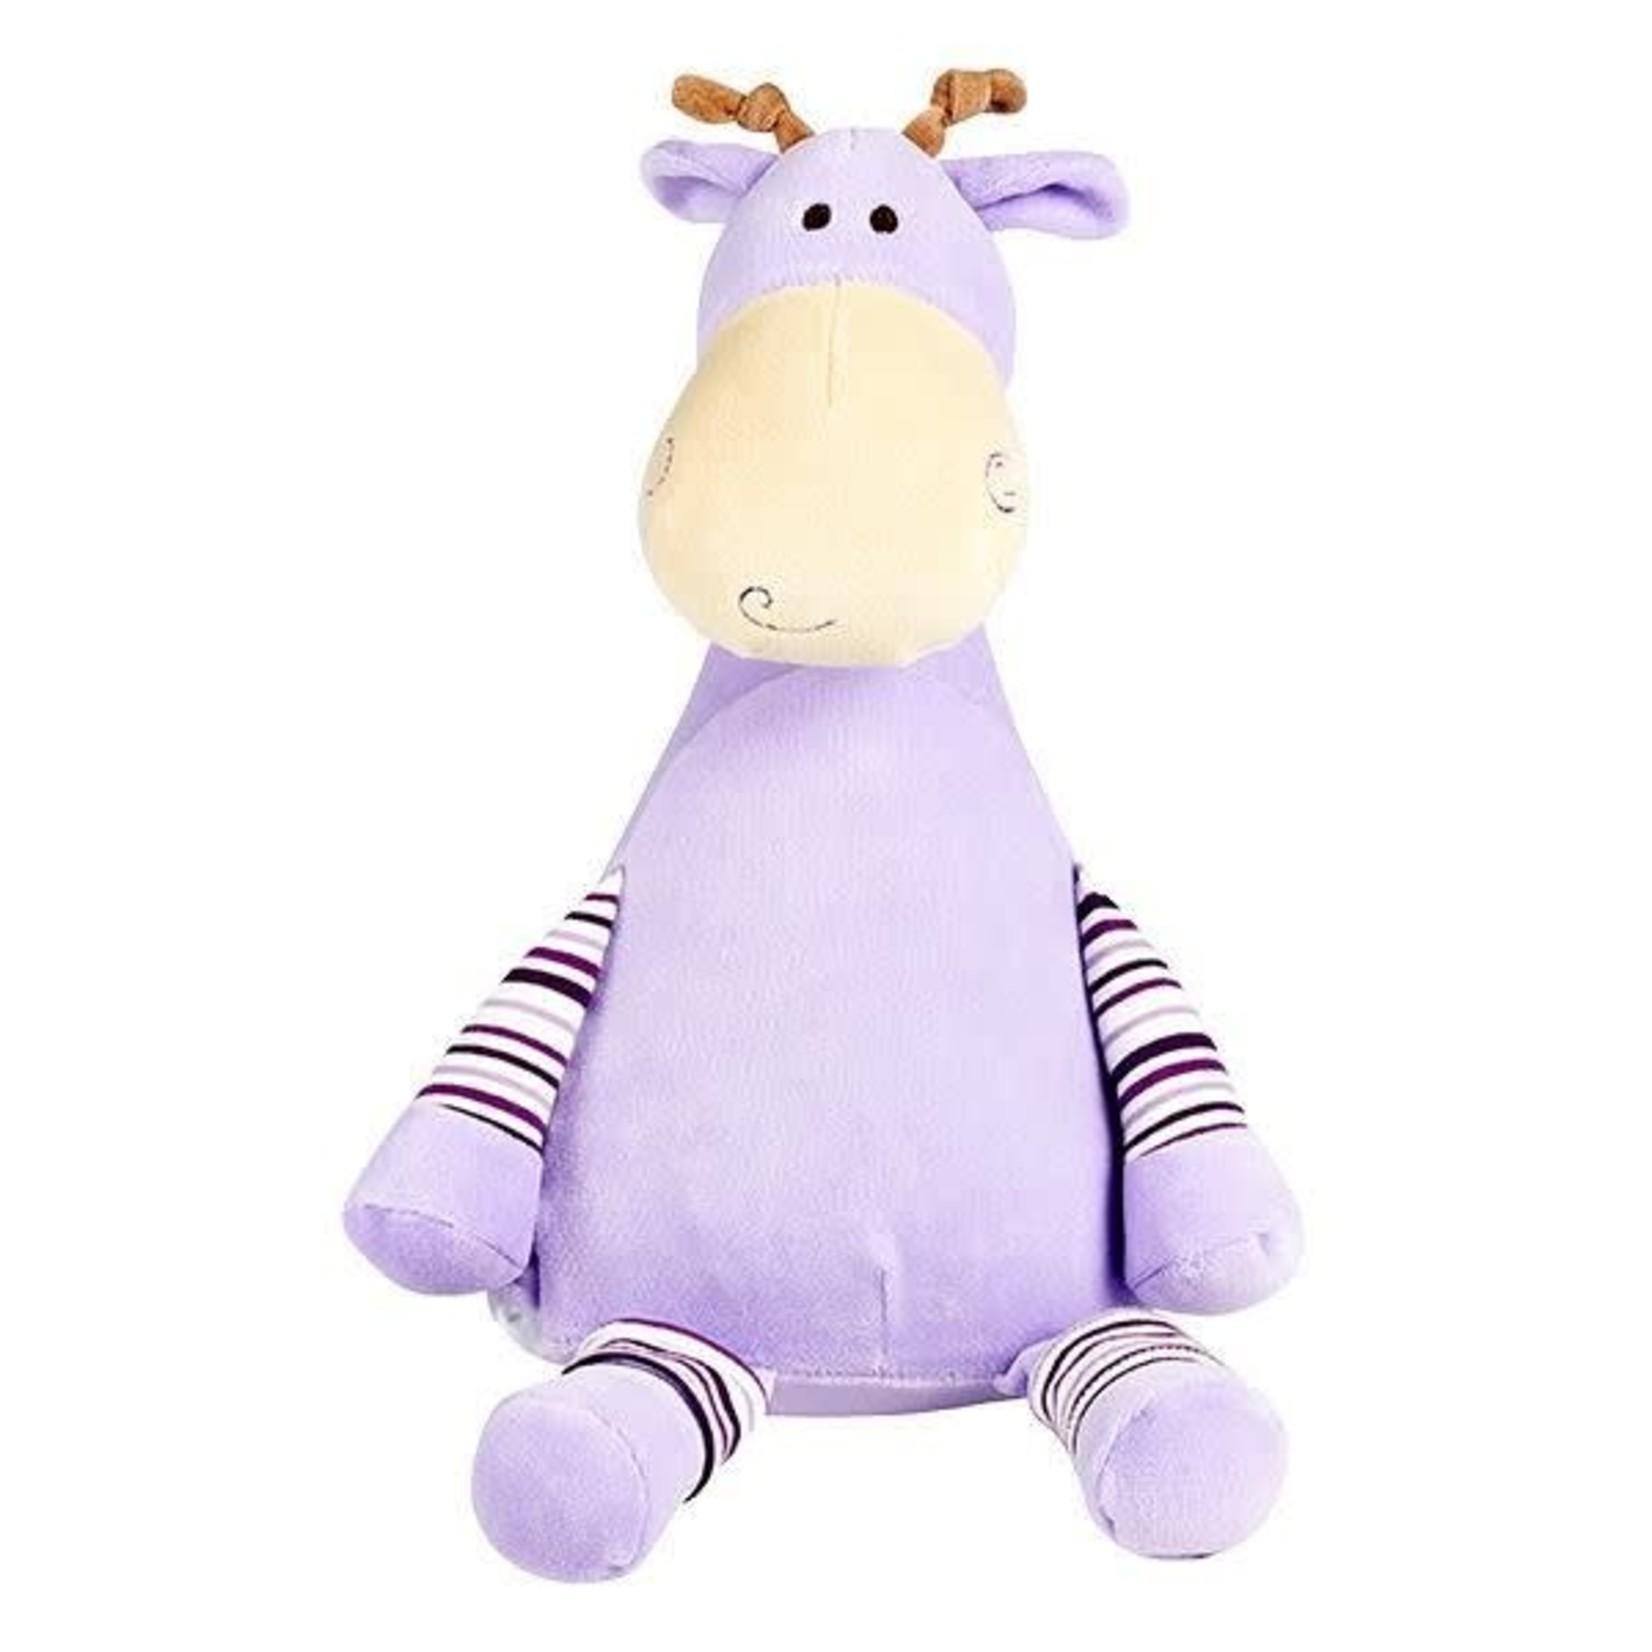 Knuffel 'Pastel' giraf met naam